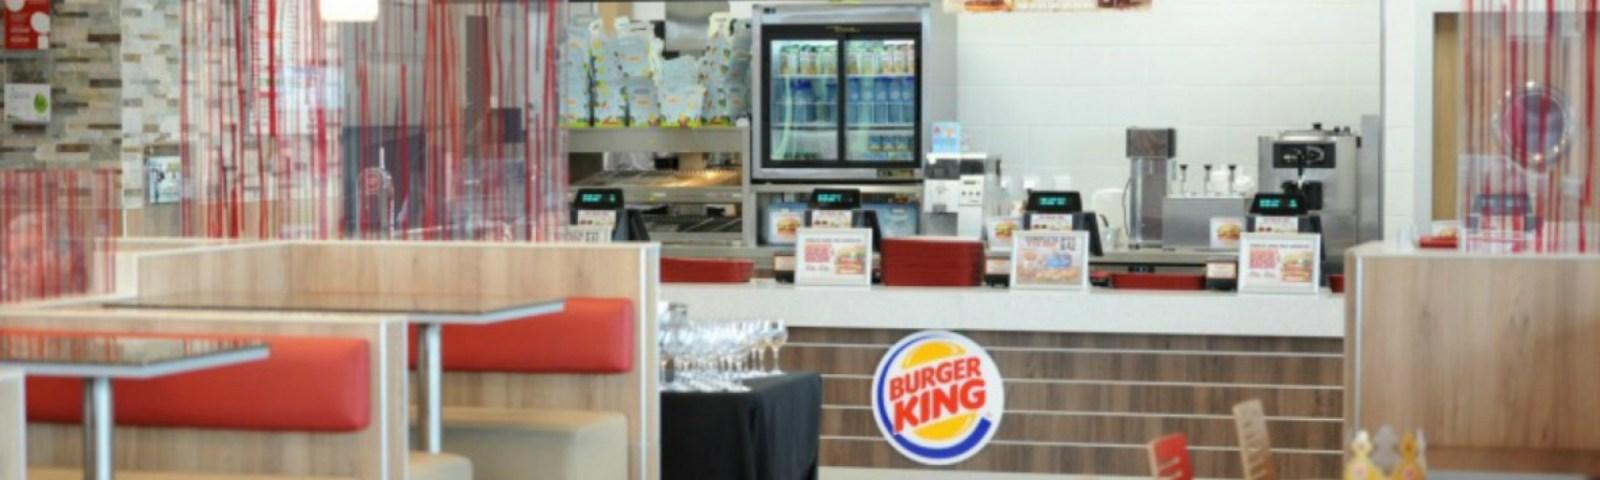 4217-burger-king-infofranchising